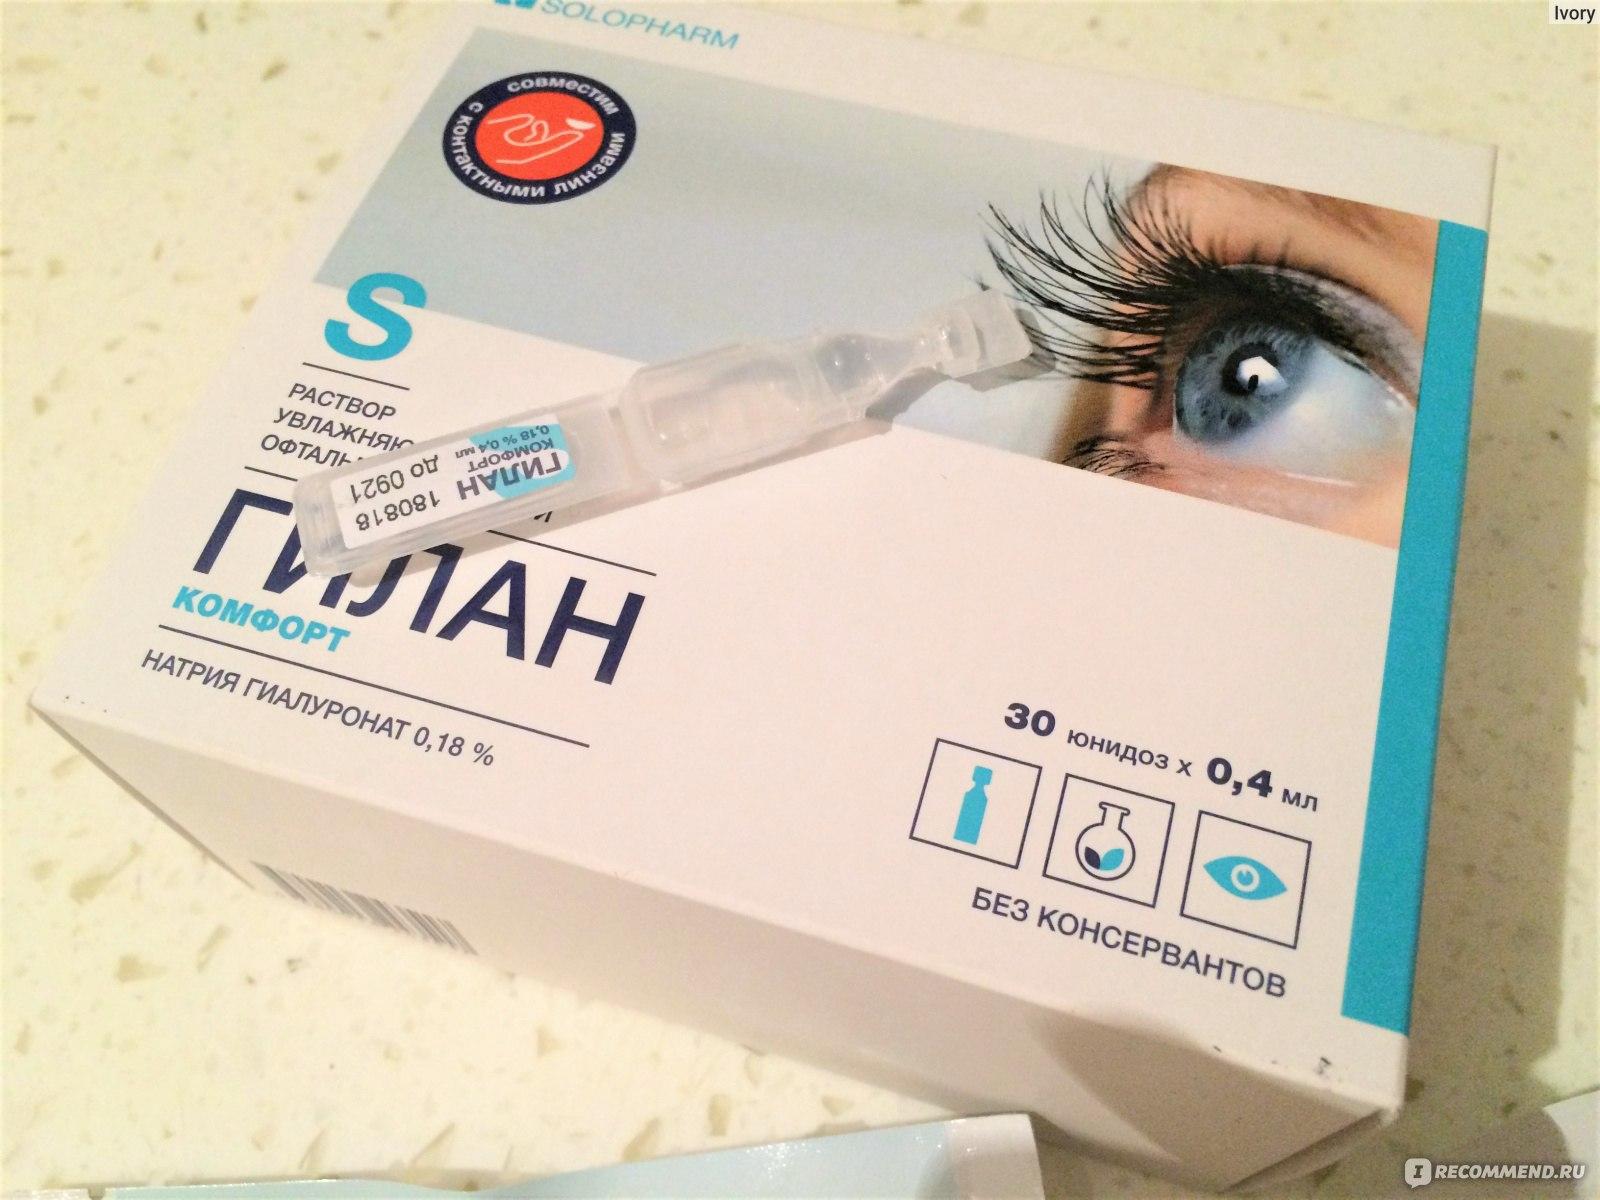 Гилан комфорт (капли глазные): инструкция по применению, отзывы, цена, способ применения